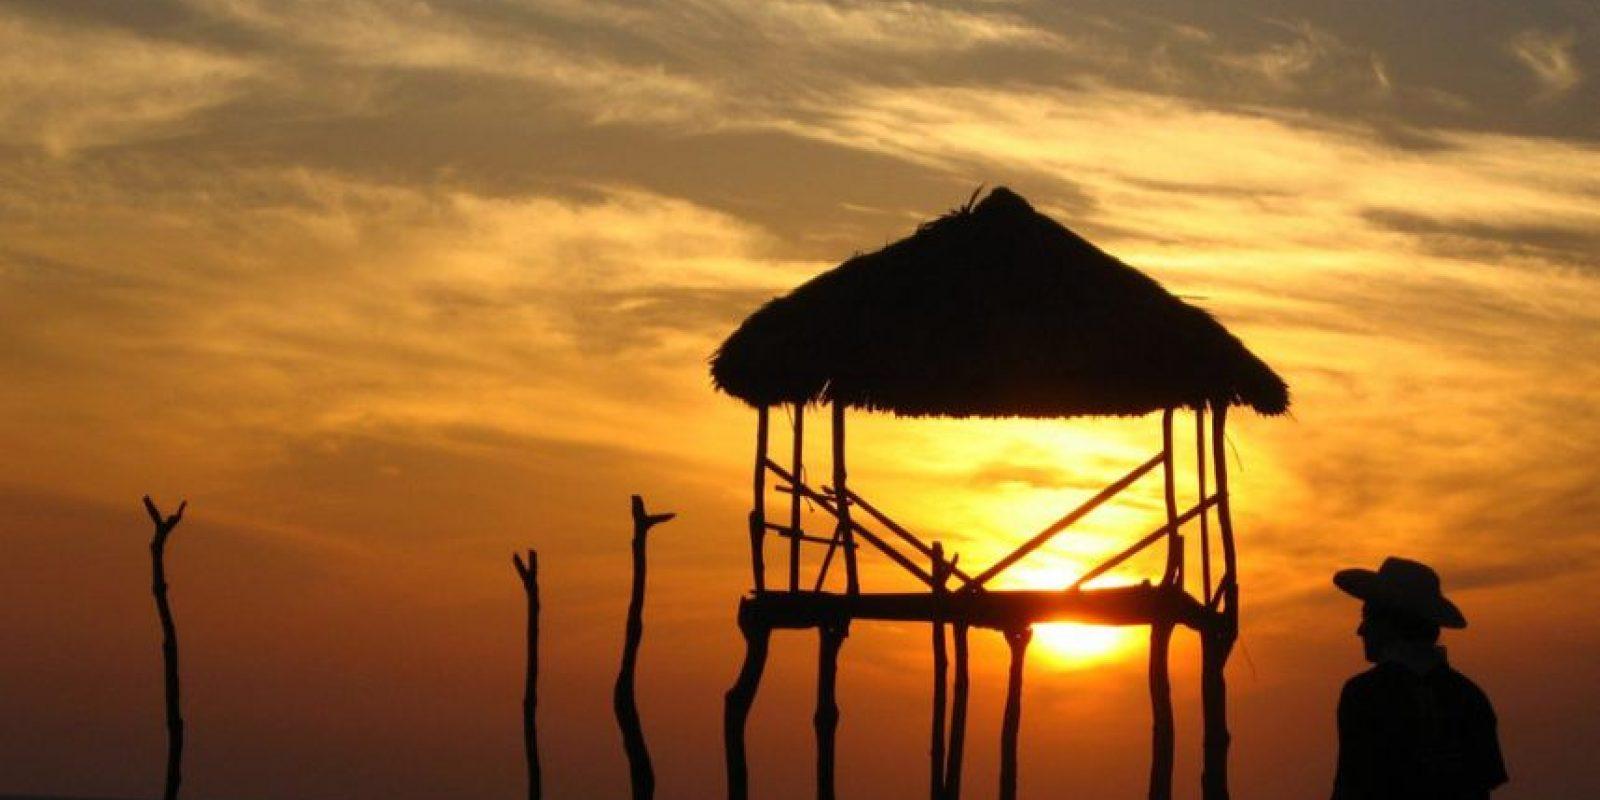 Los atardeceres en Monterrico son terribles, mejor quédate en casa a ver televisión. Foto:http://www.buzzfeed.com